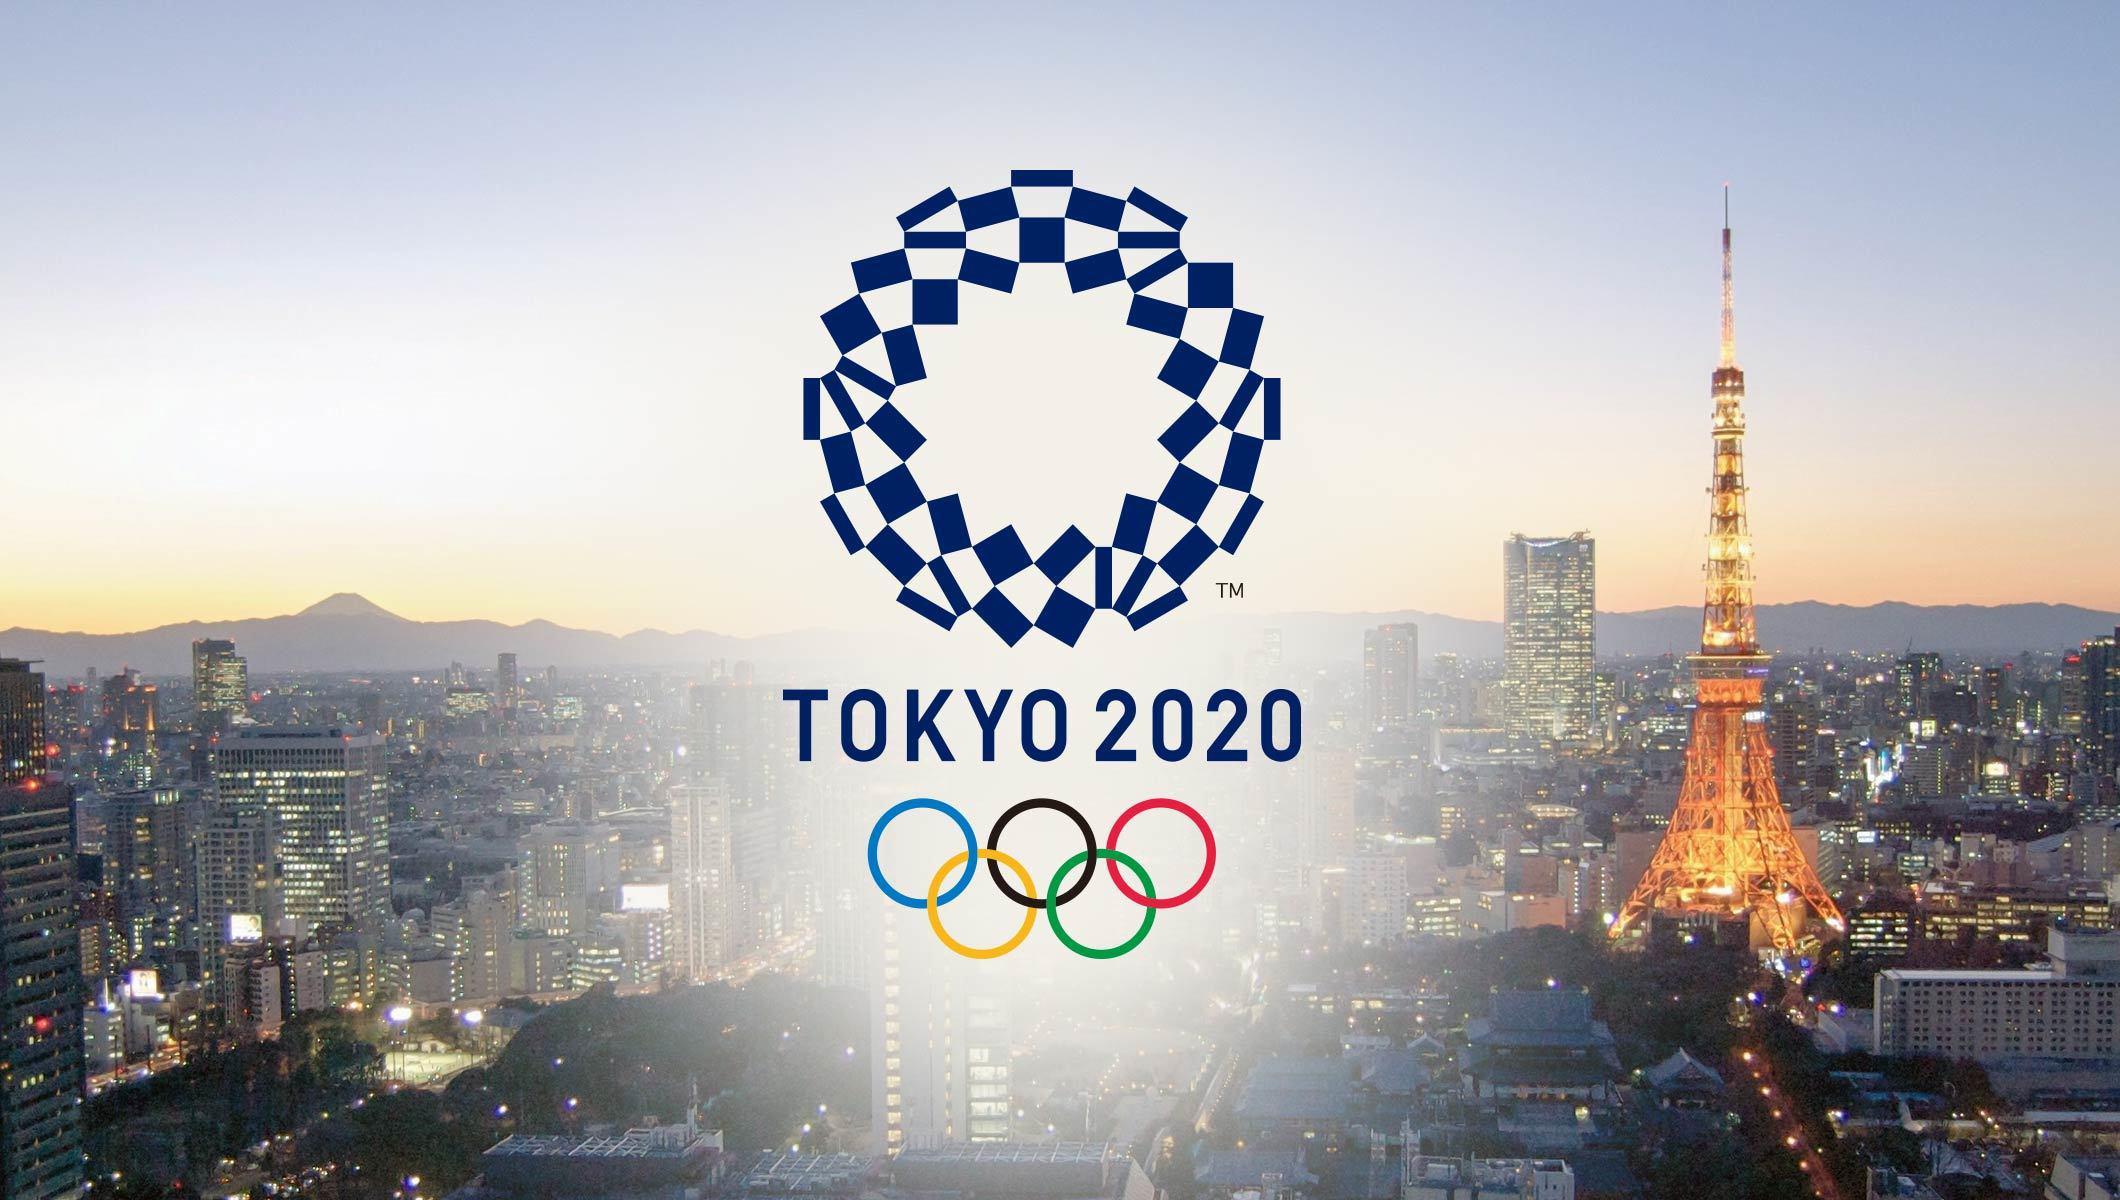 东京奥运火种采集仪式日期已定 2020年3月12日举行